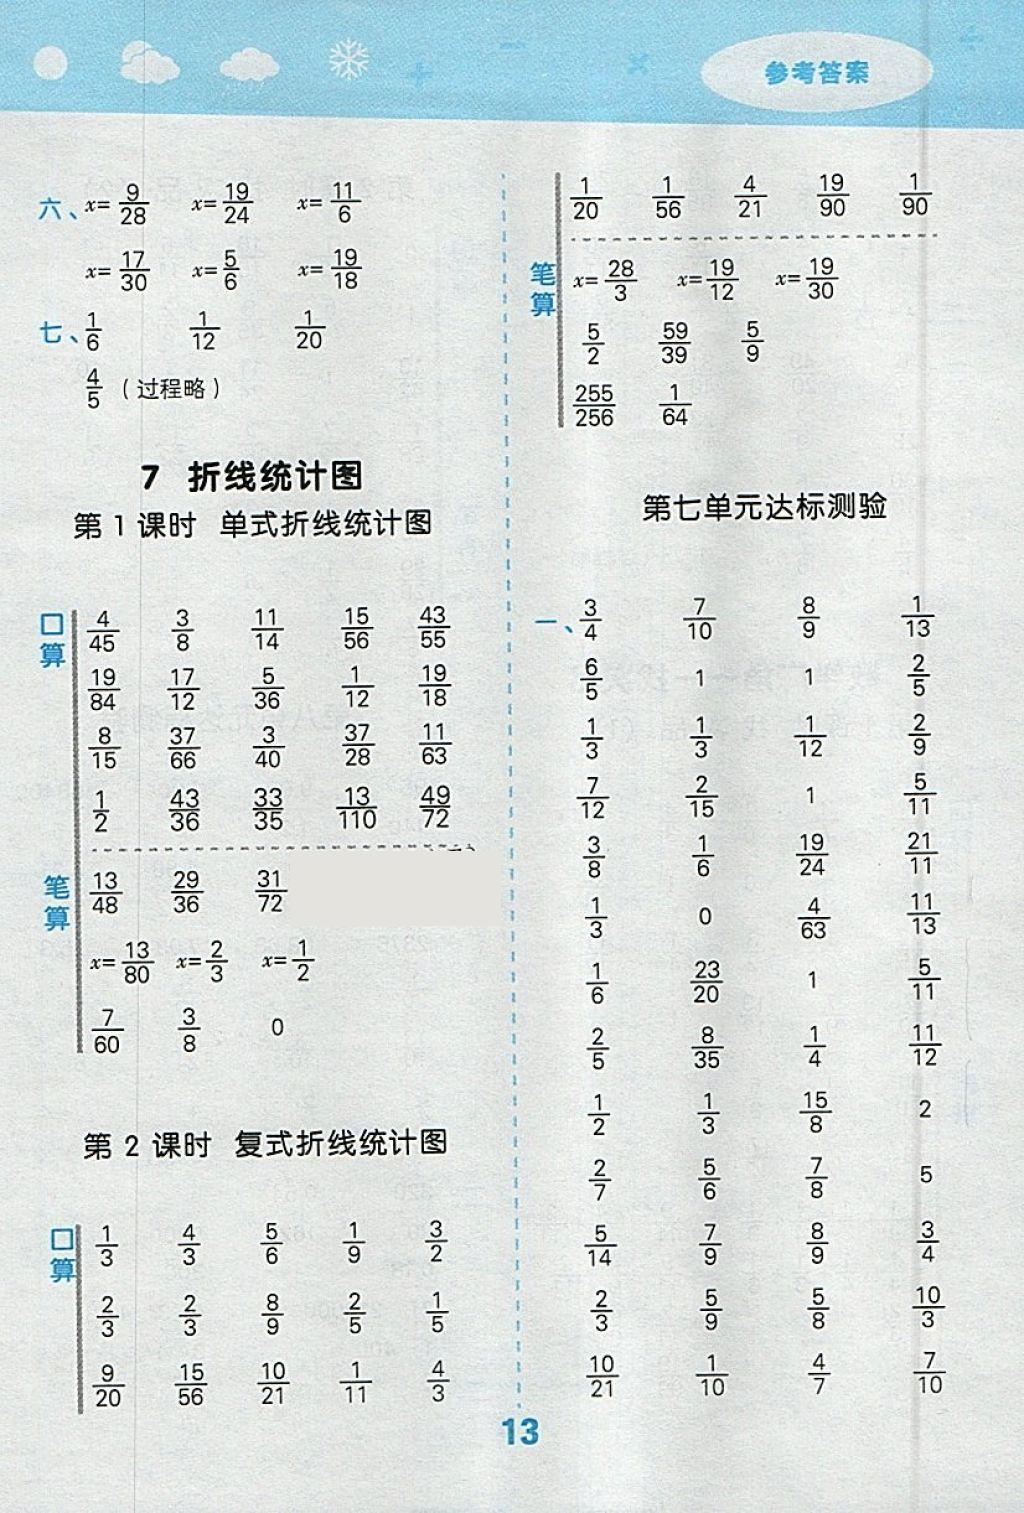 2018年数学口算大通关五答案年级小学人教版参考下册第13页小学报名西山图片